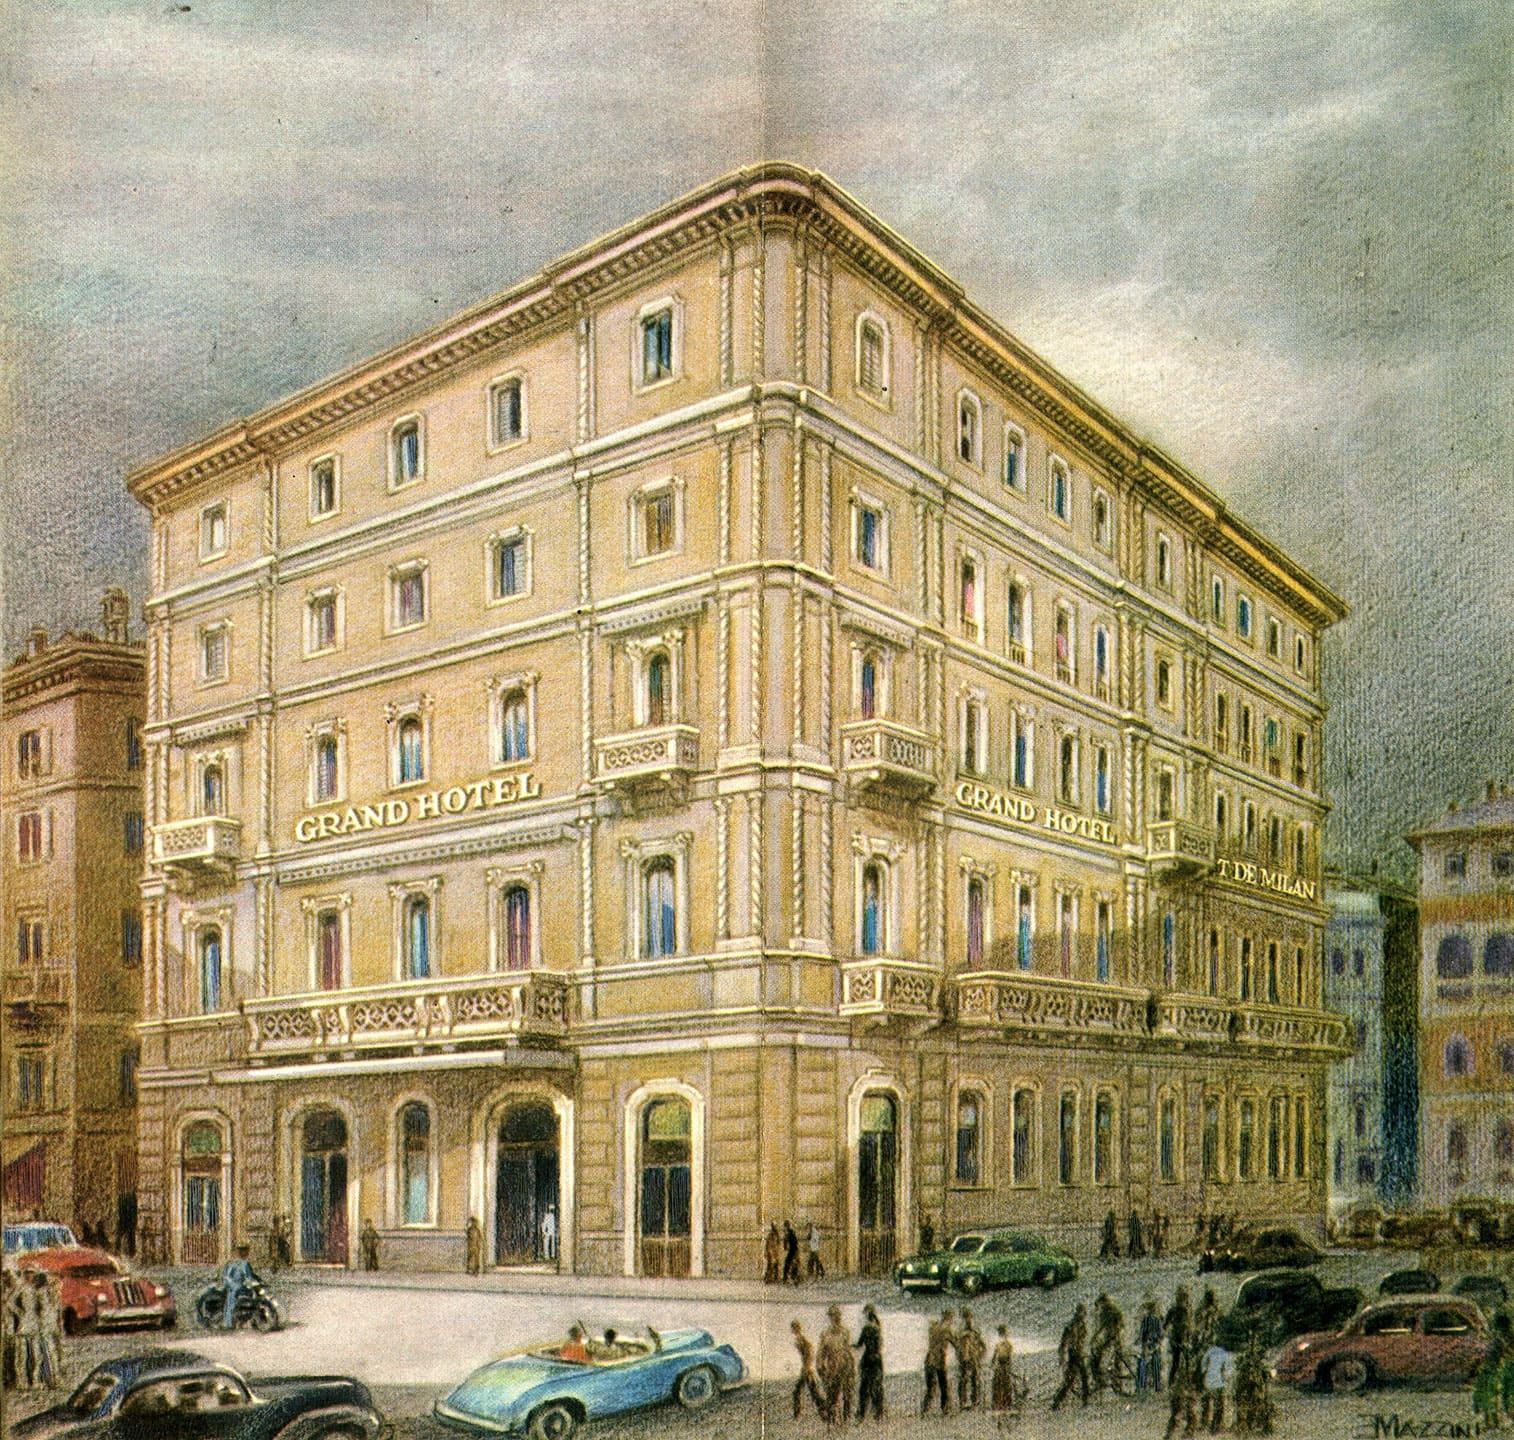 Antique exterior image of Grand Hotel et de Milan